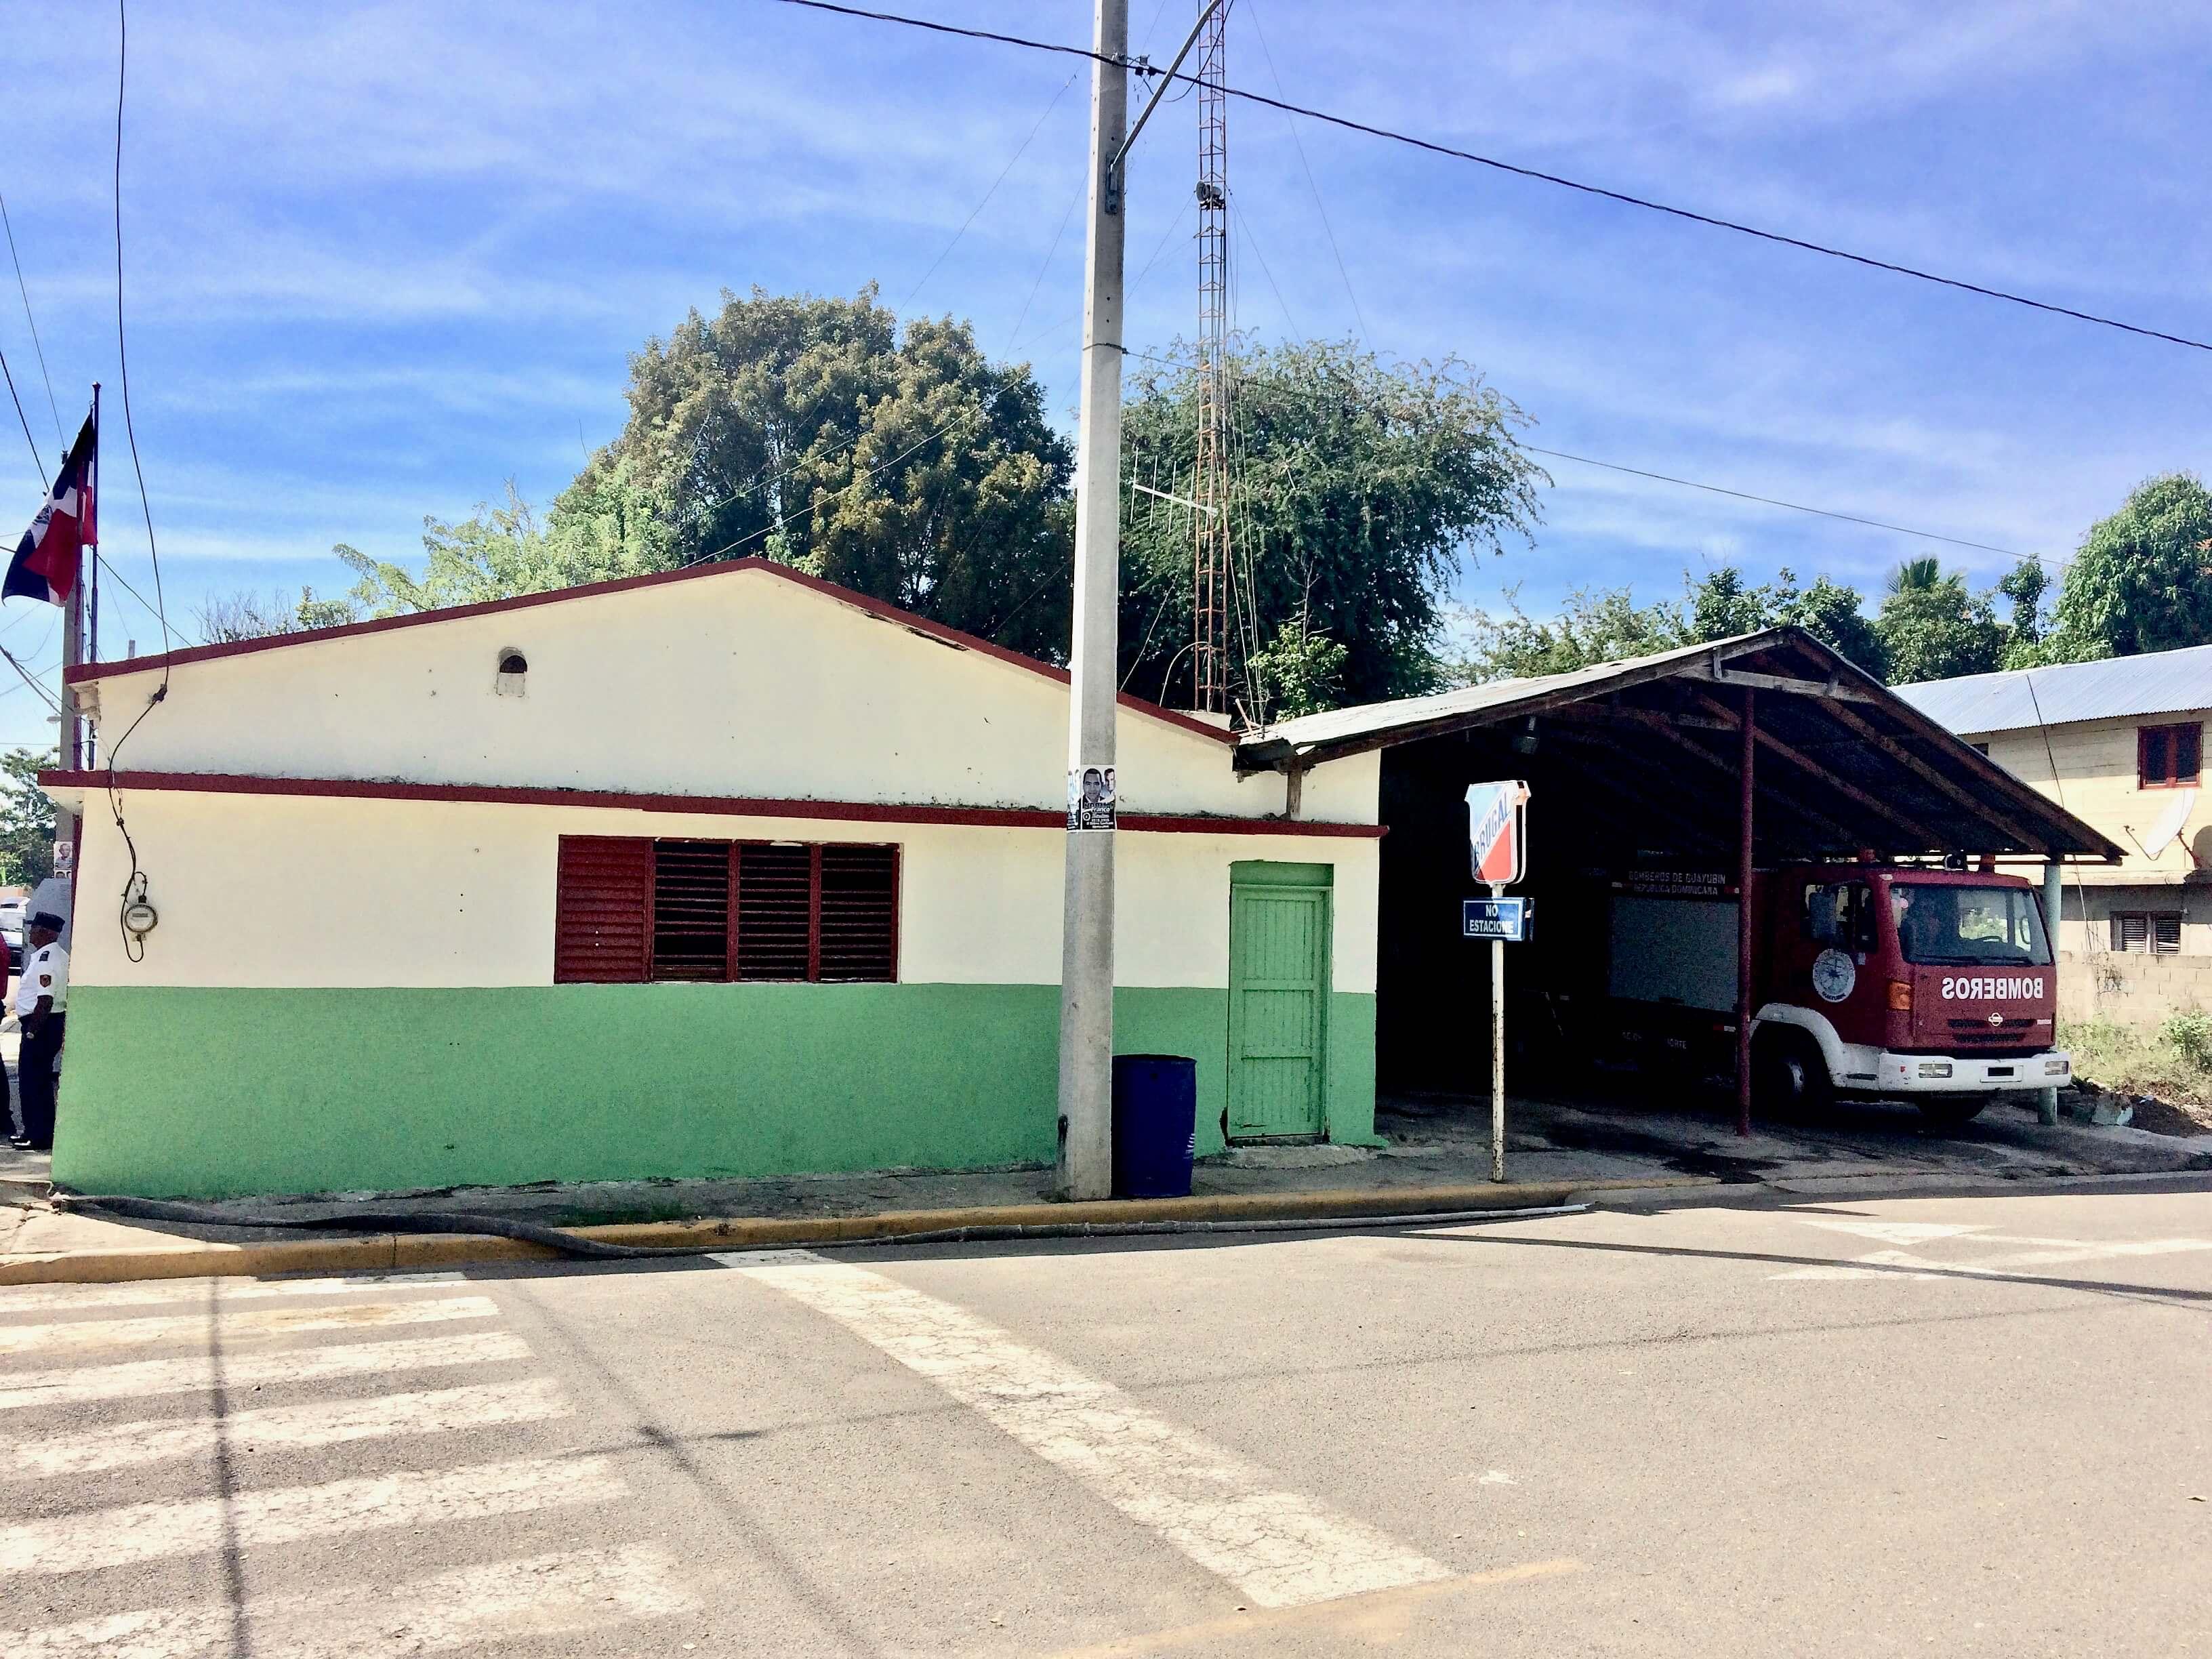 Estacion del Cuerpo de Bomberos de Guayubín